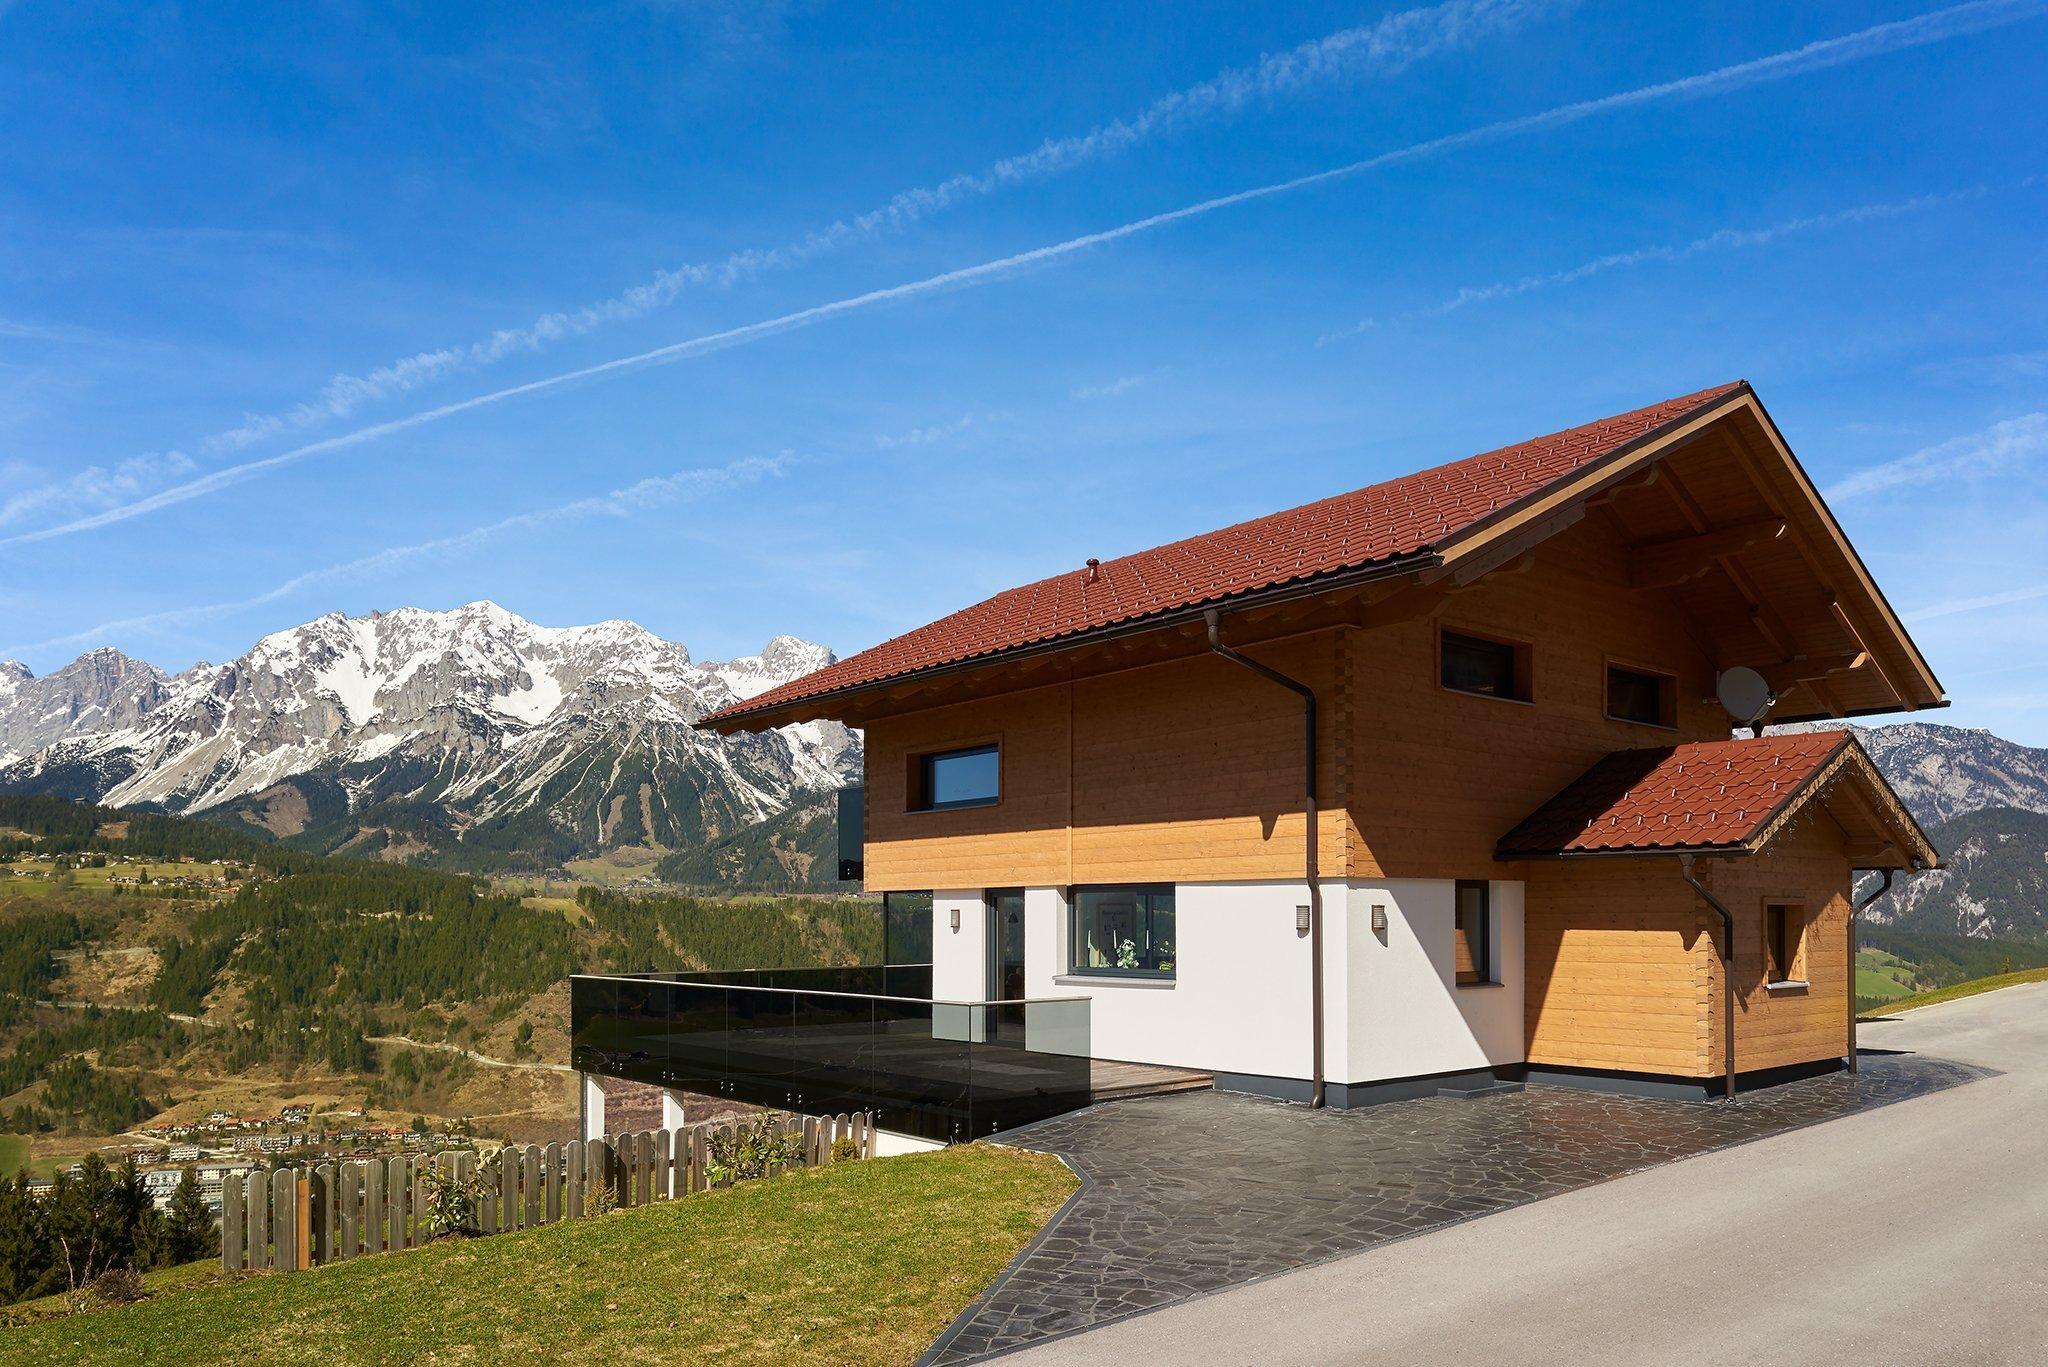 Luxusní Chalet Fastenberg se nachází ve Schladmingu, 700 metrů od lanovky Planai Bahn a 1,4 km od lanovky Planai West.